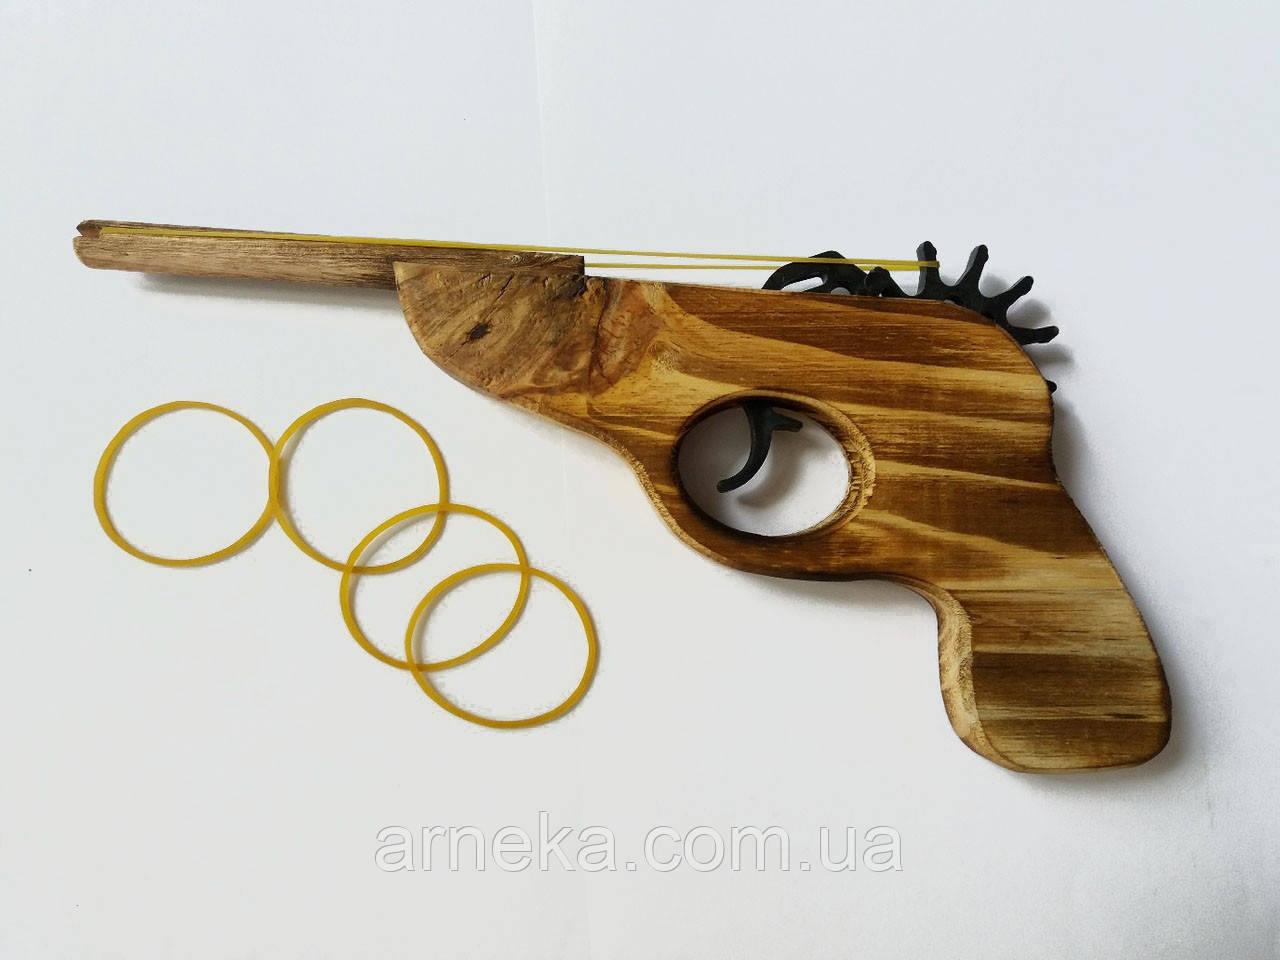 Пистолет деревянный, стреляет резинками